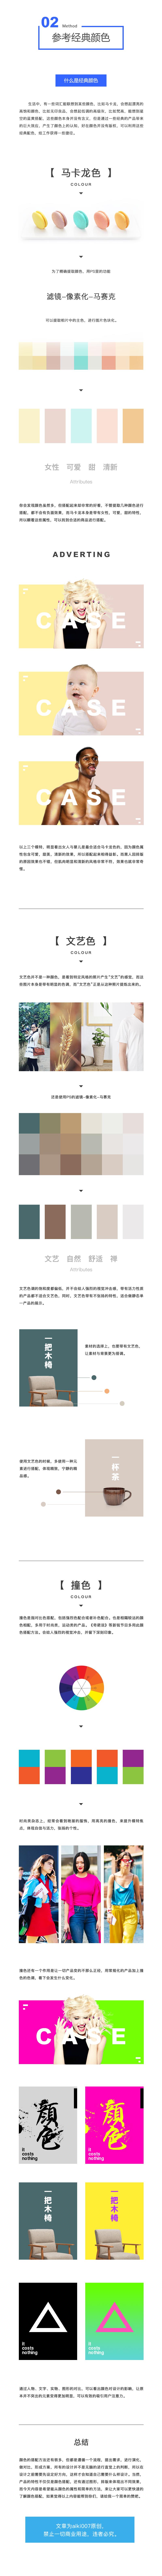 如何在设计中 搭配出好看的颜色